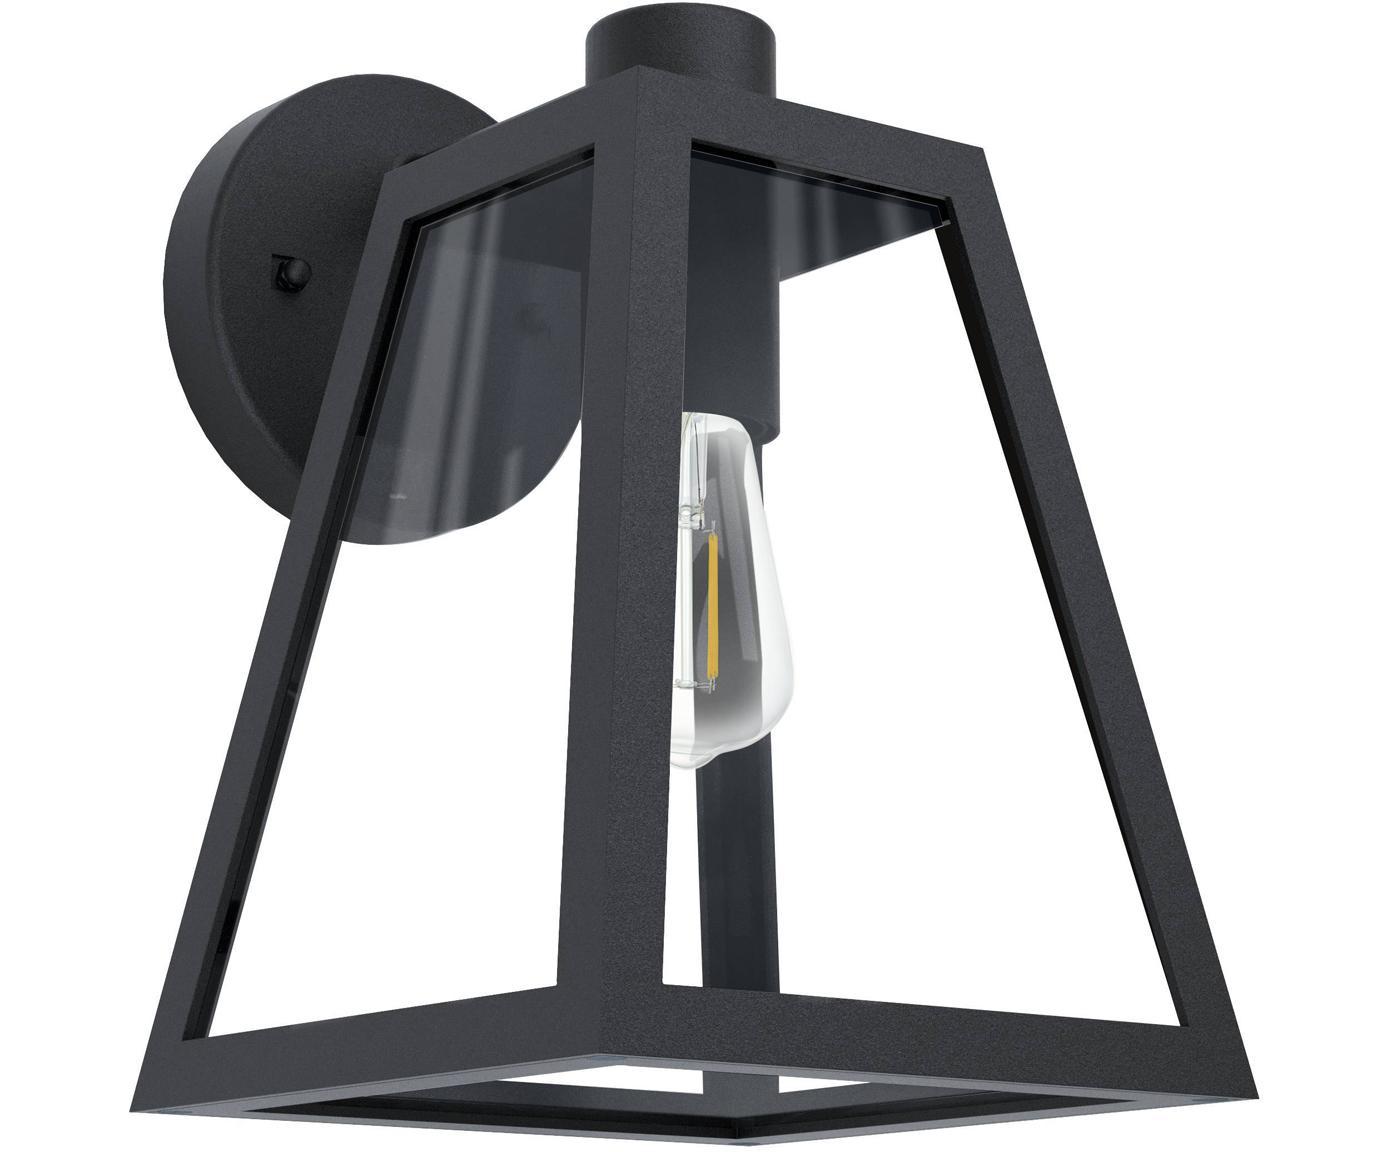 Aplique para exterior Mirandola, Pantalla: vidrio, Estructura: aluminio, Negro, An 18 x F 27 cm